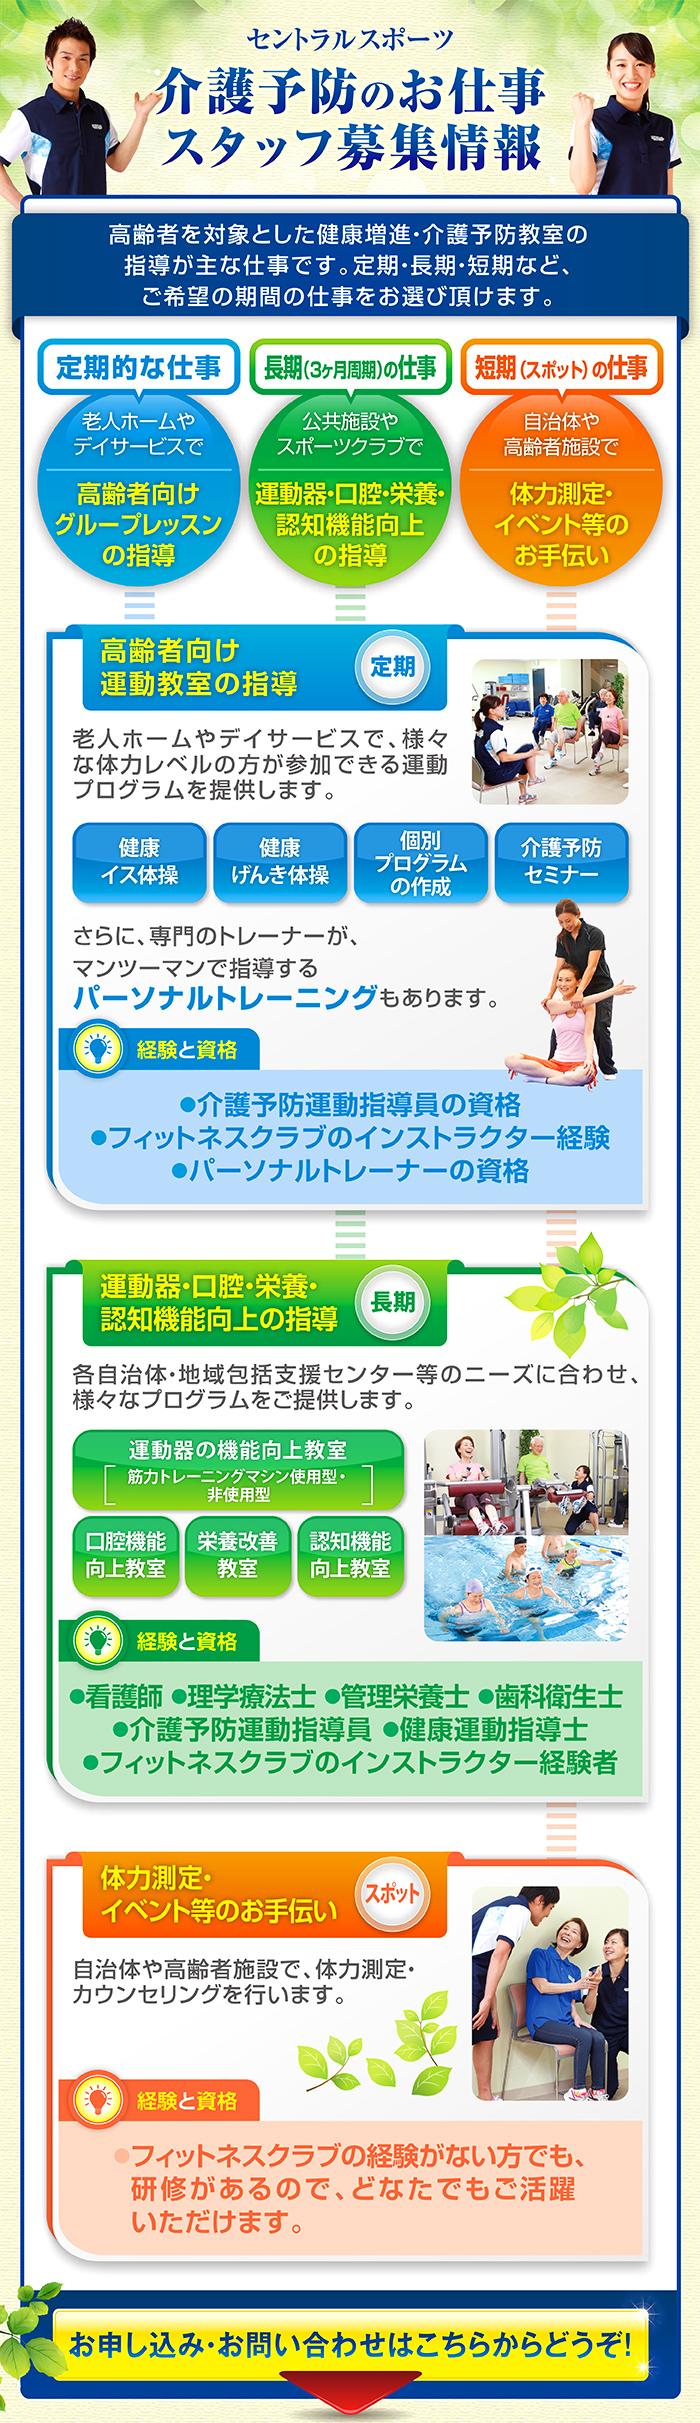 1508介護予防事業_求人WEBtopic_ck02